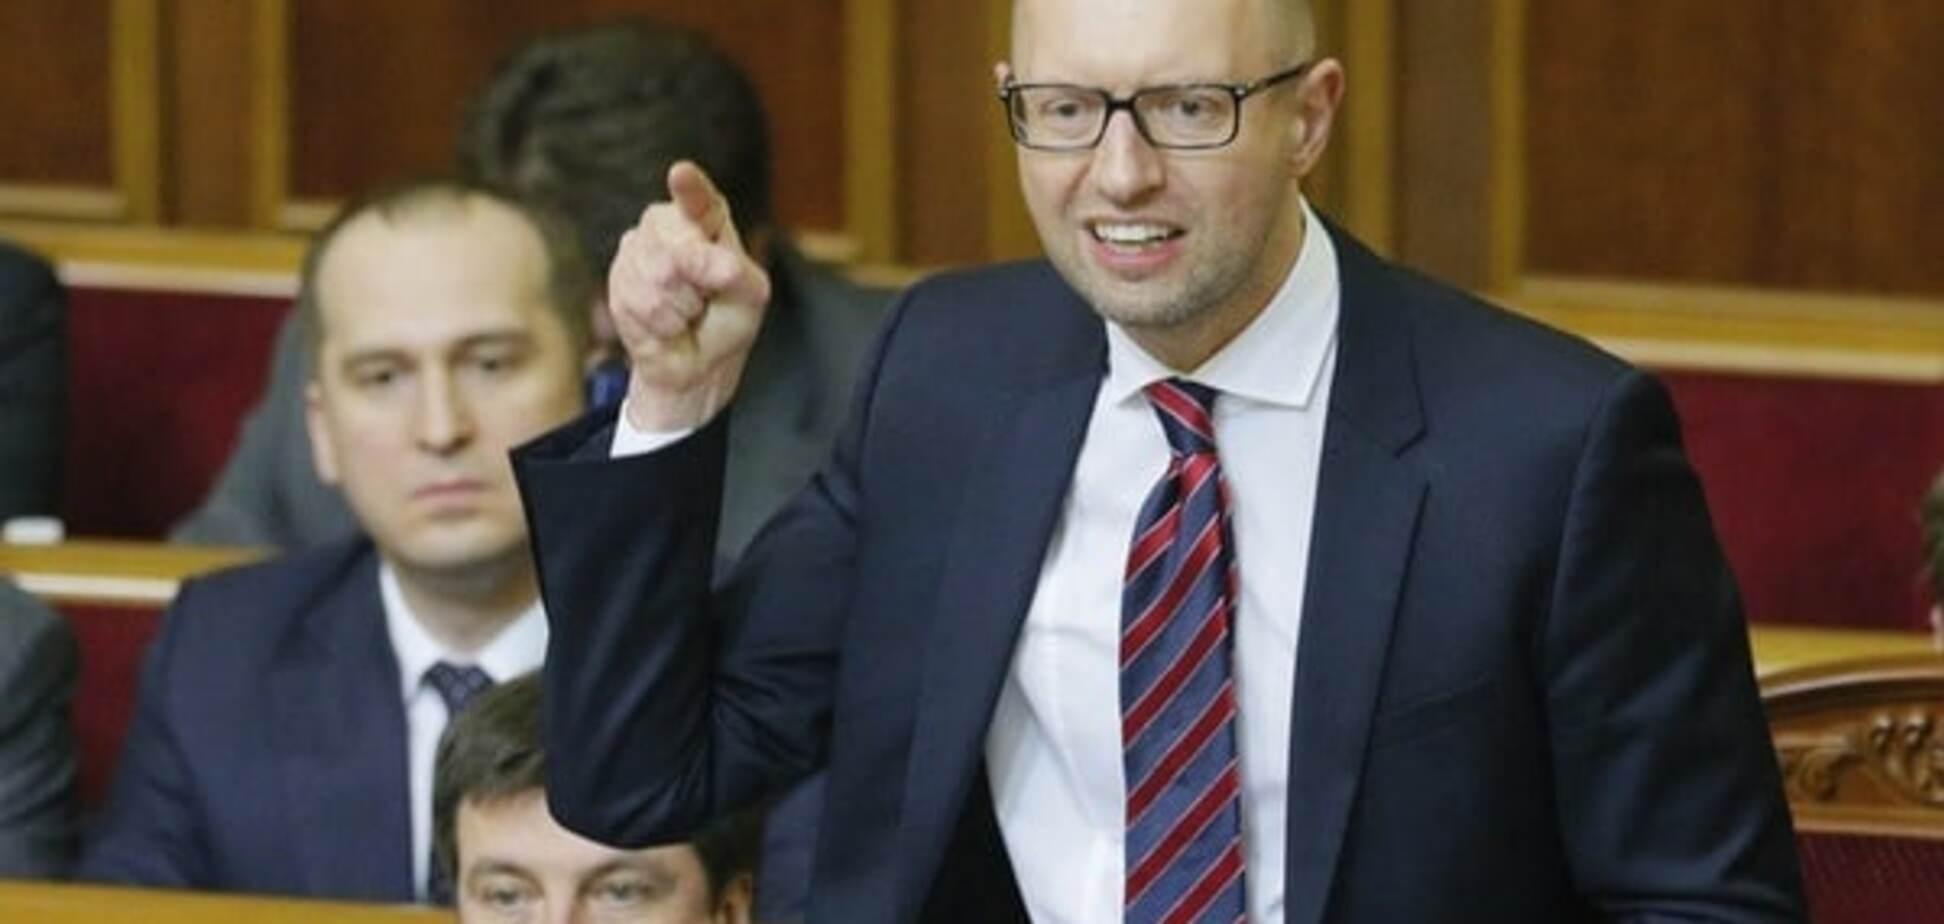 Яценюк закликав переформатувати коаліцію і Кабмін